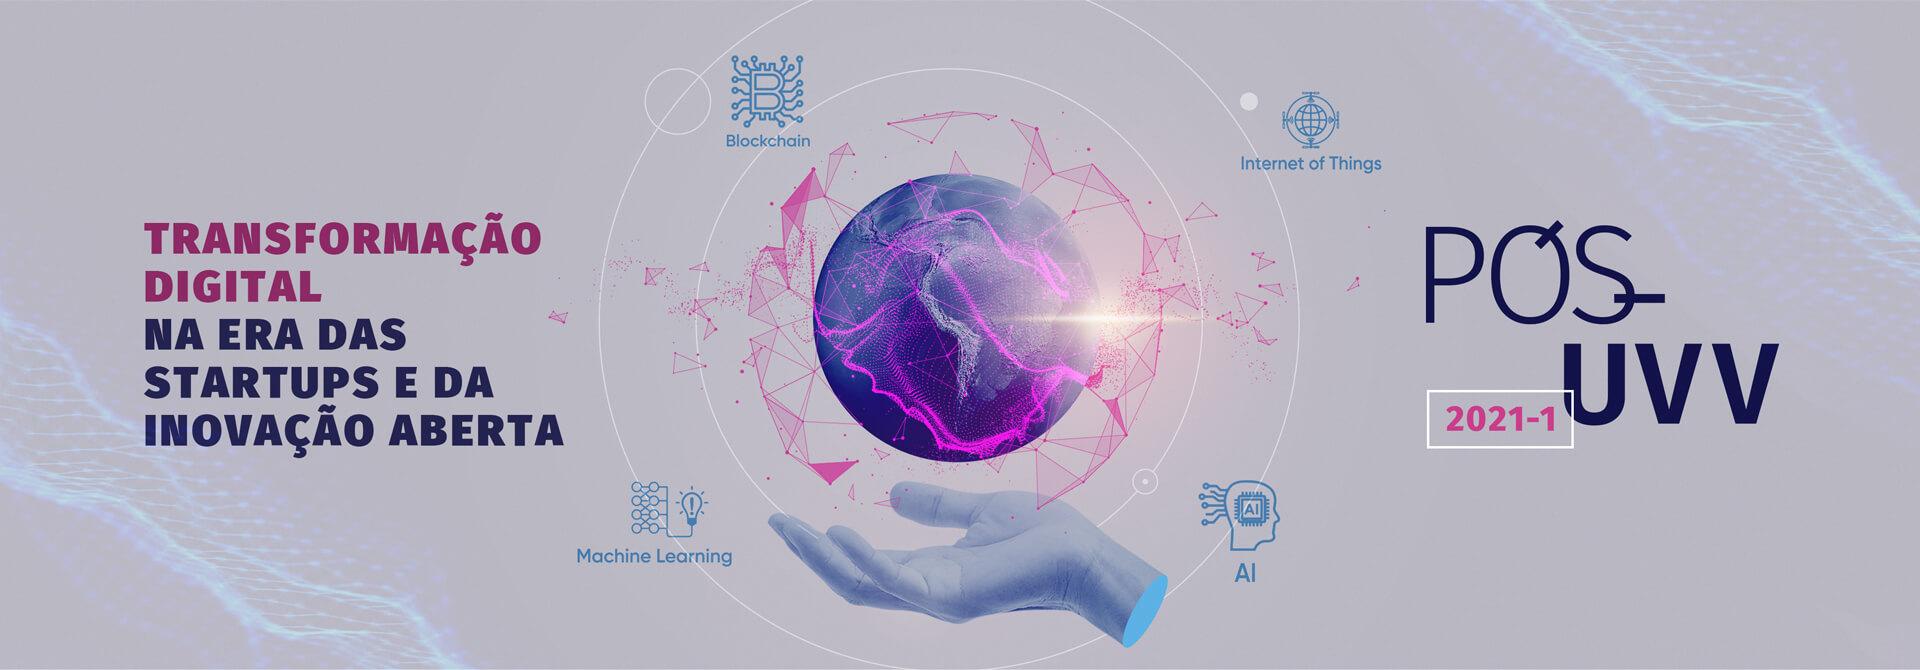 Faça Pós-Graduação em Transformação Digital na era das startups e da inovação aberta